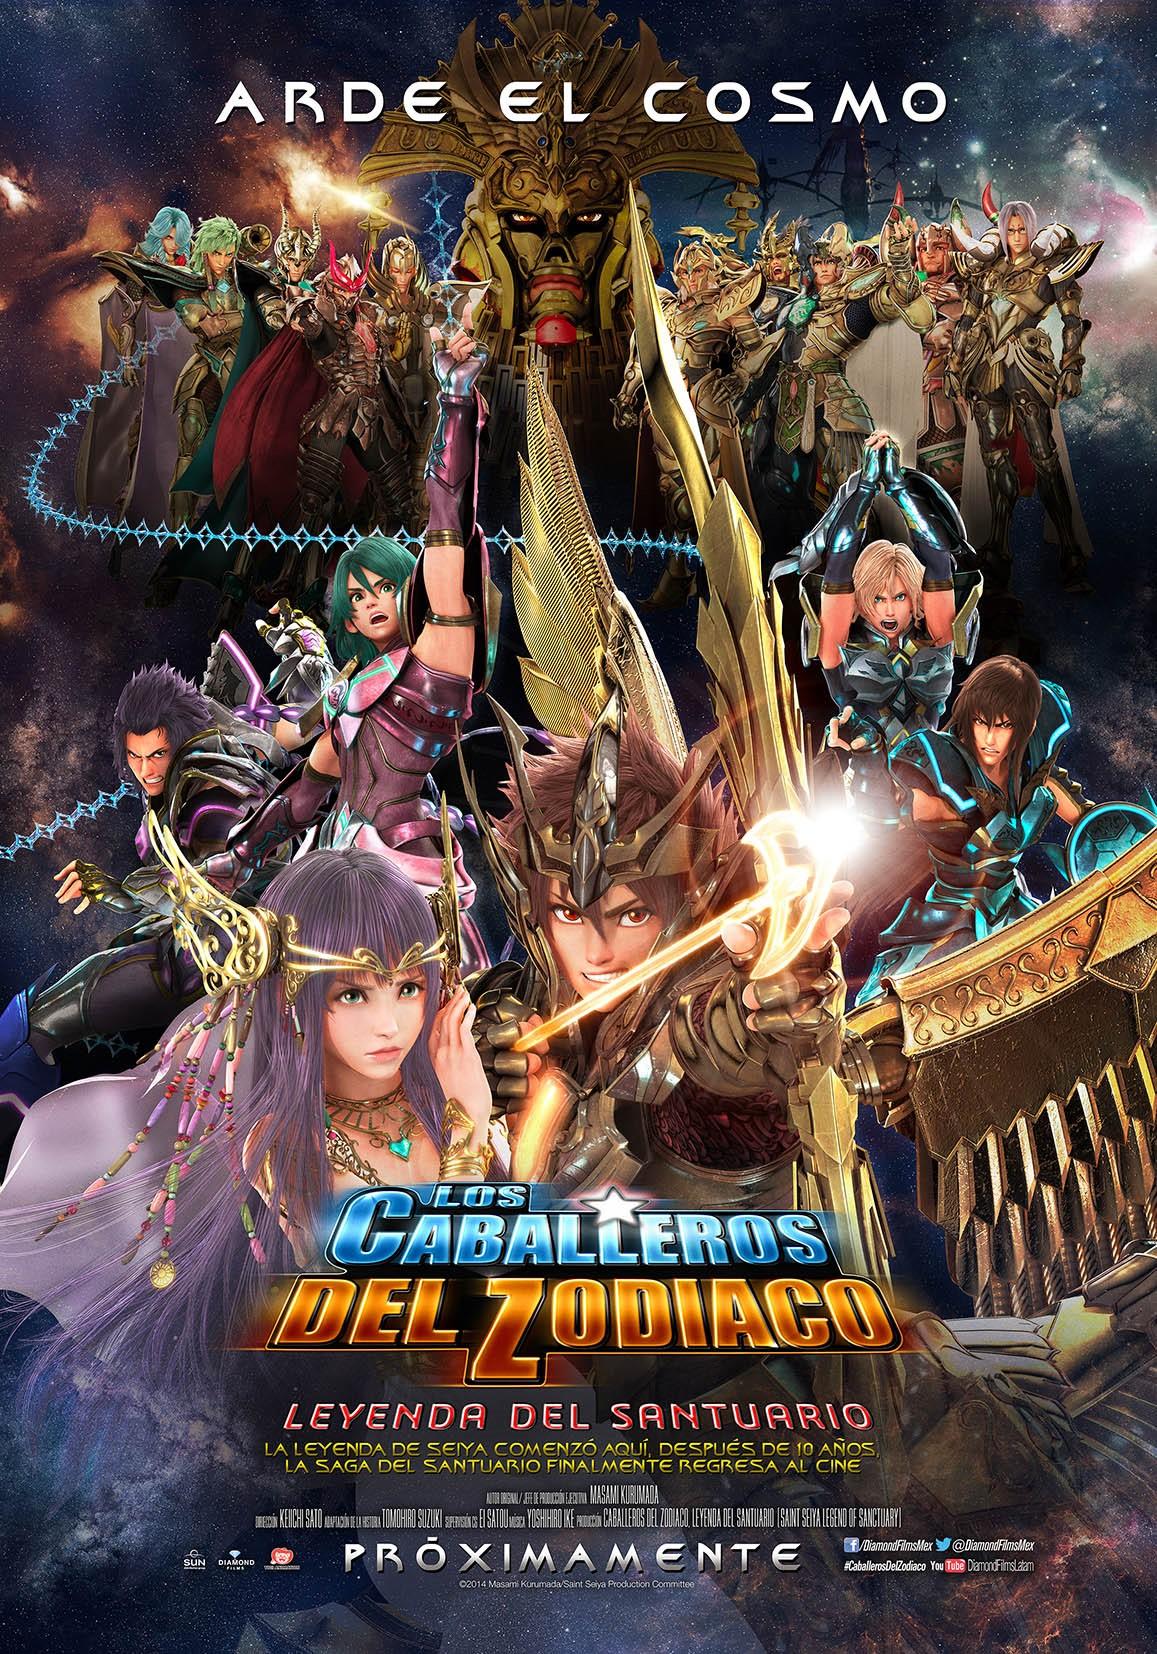 Poster Oficial de la pelicula Caballeros del Zodiaco La Leyenda del Santuario